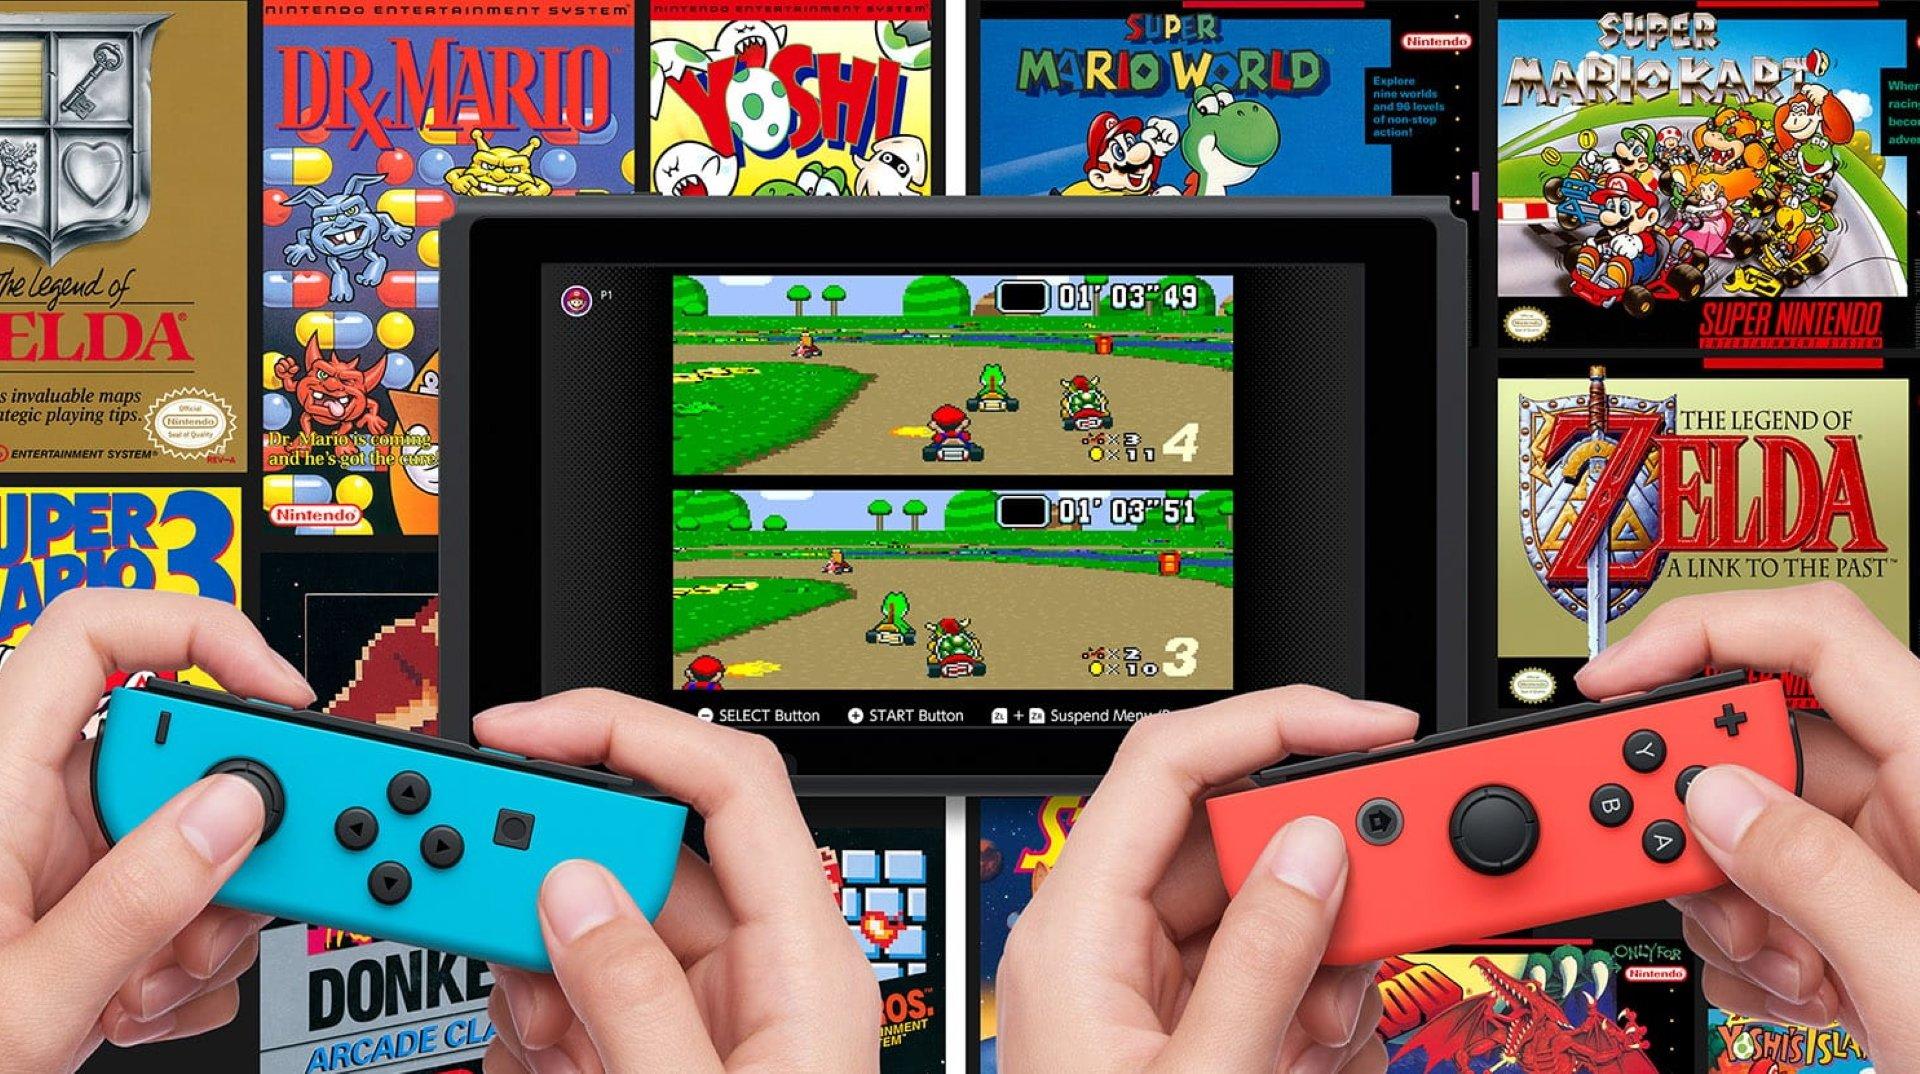 Les meilleures offres Nintendo Switch Online pour Black Friday 2019